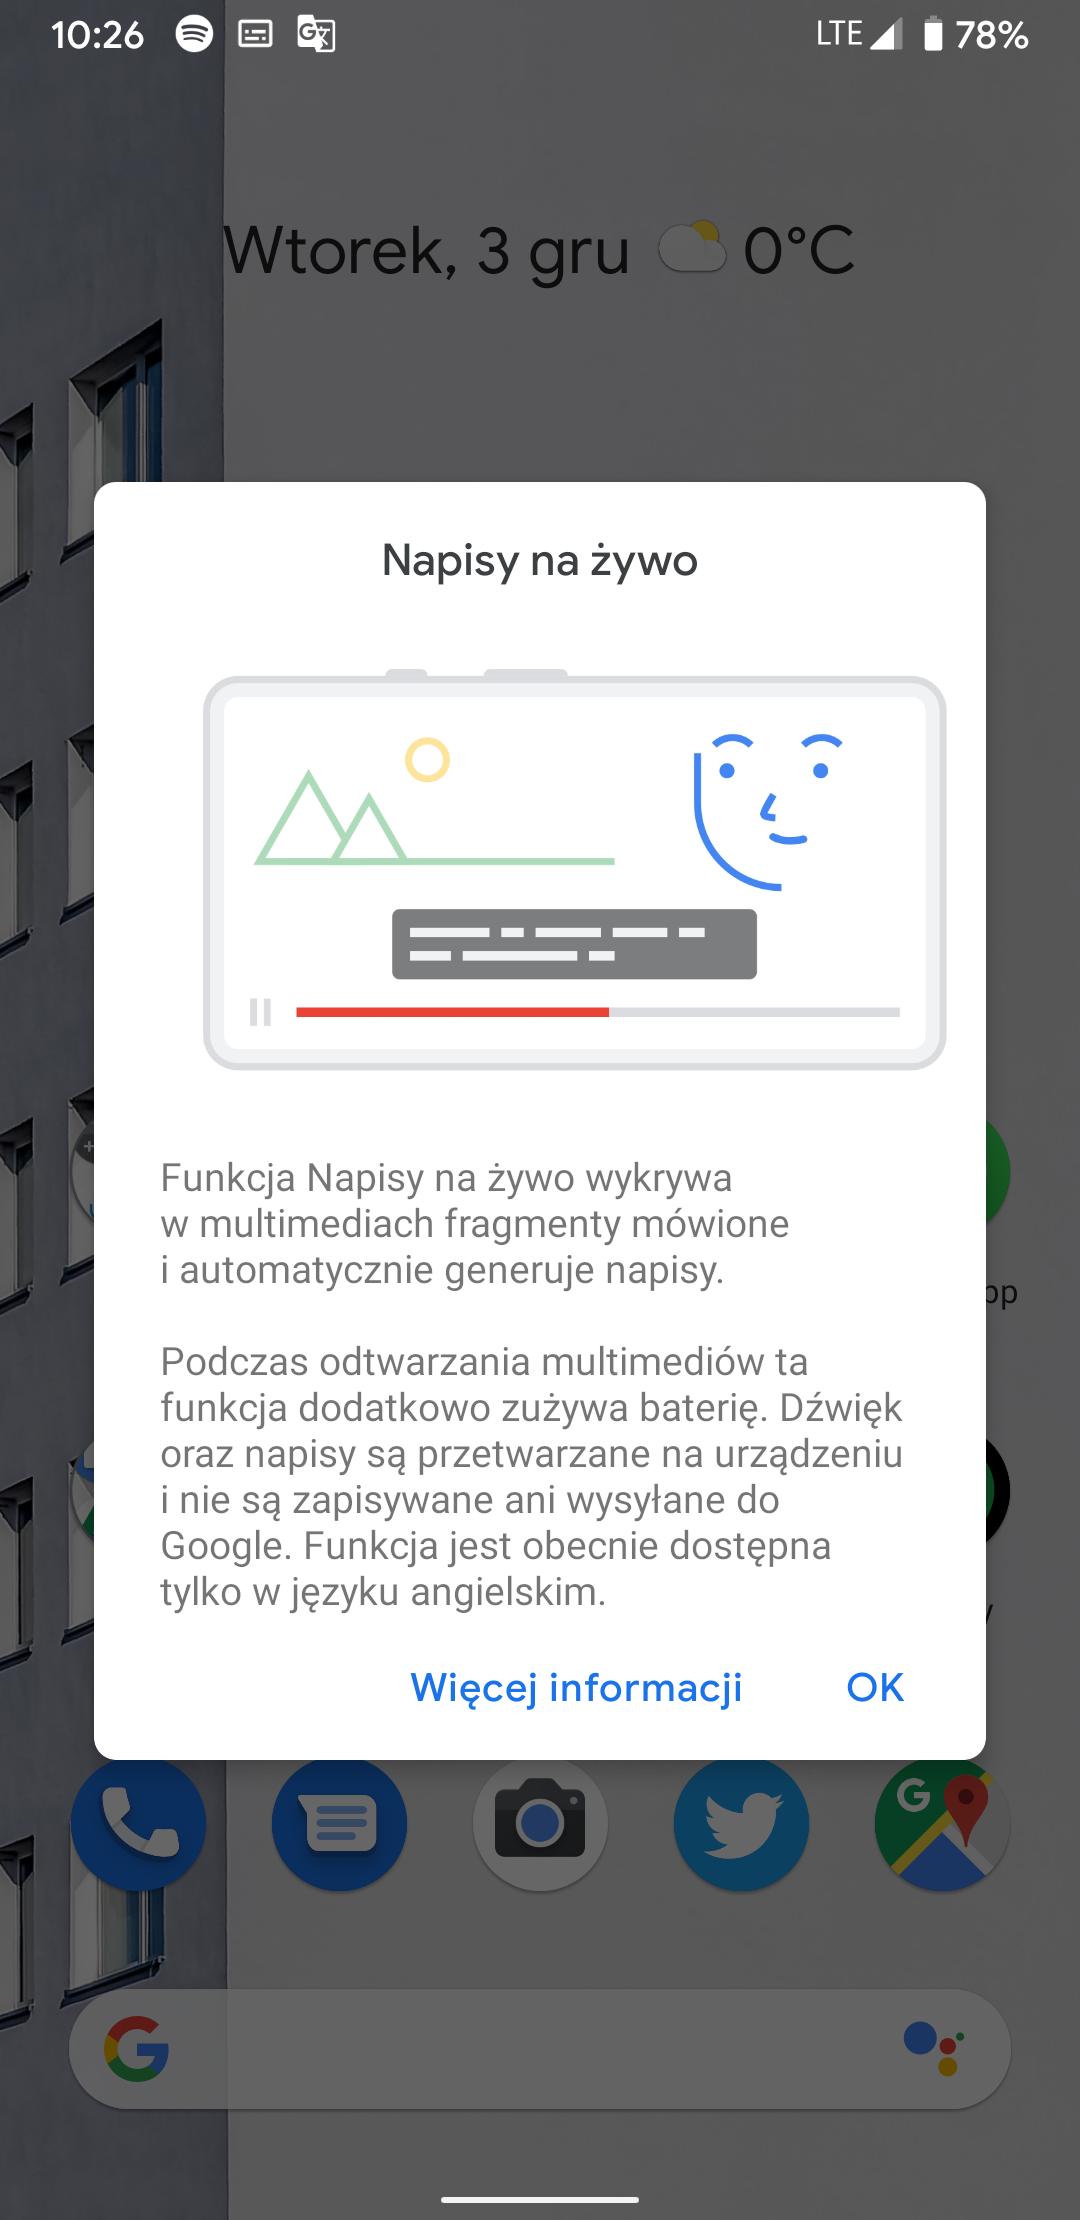 """Smartfony Google Pixel z aktualizacją wprowadzającą style interfejsu oraz """"Napisy na żywo"""" 28"""